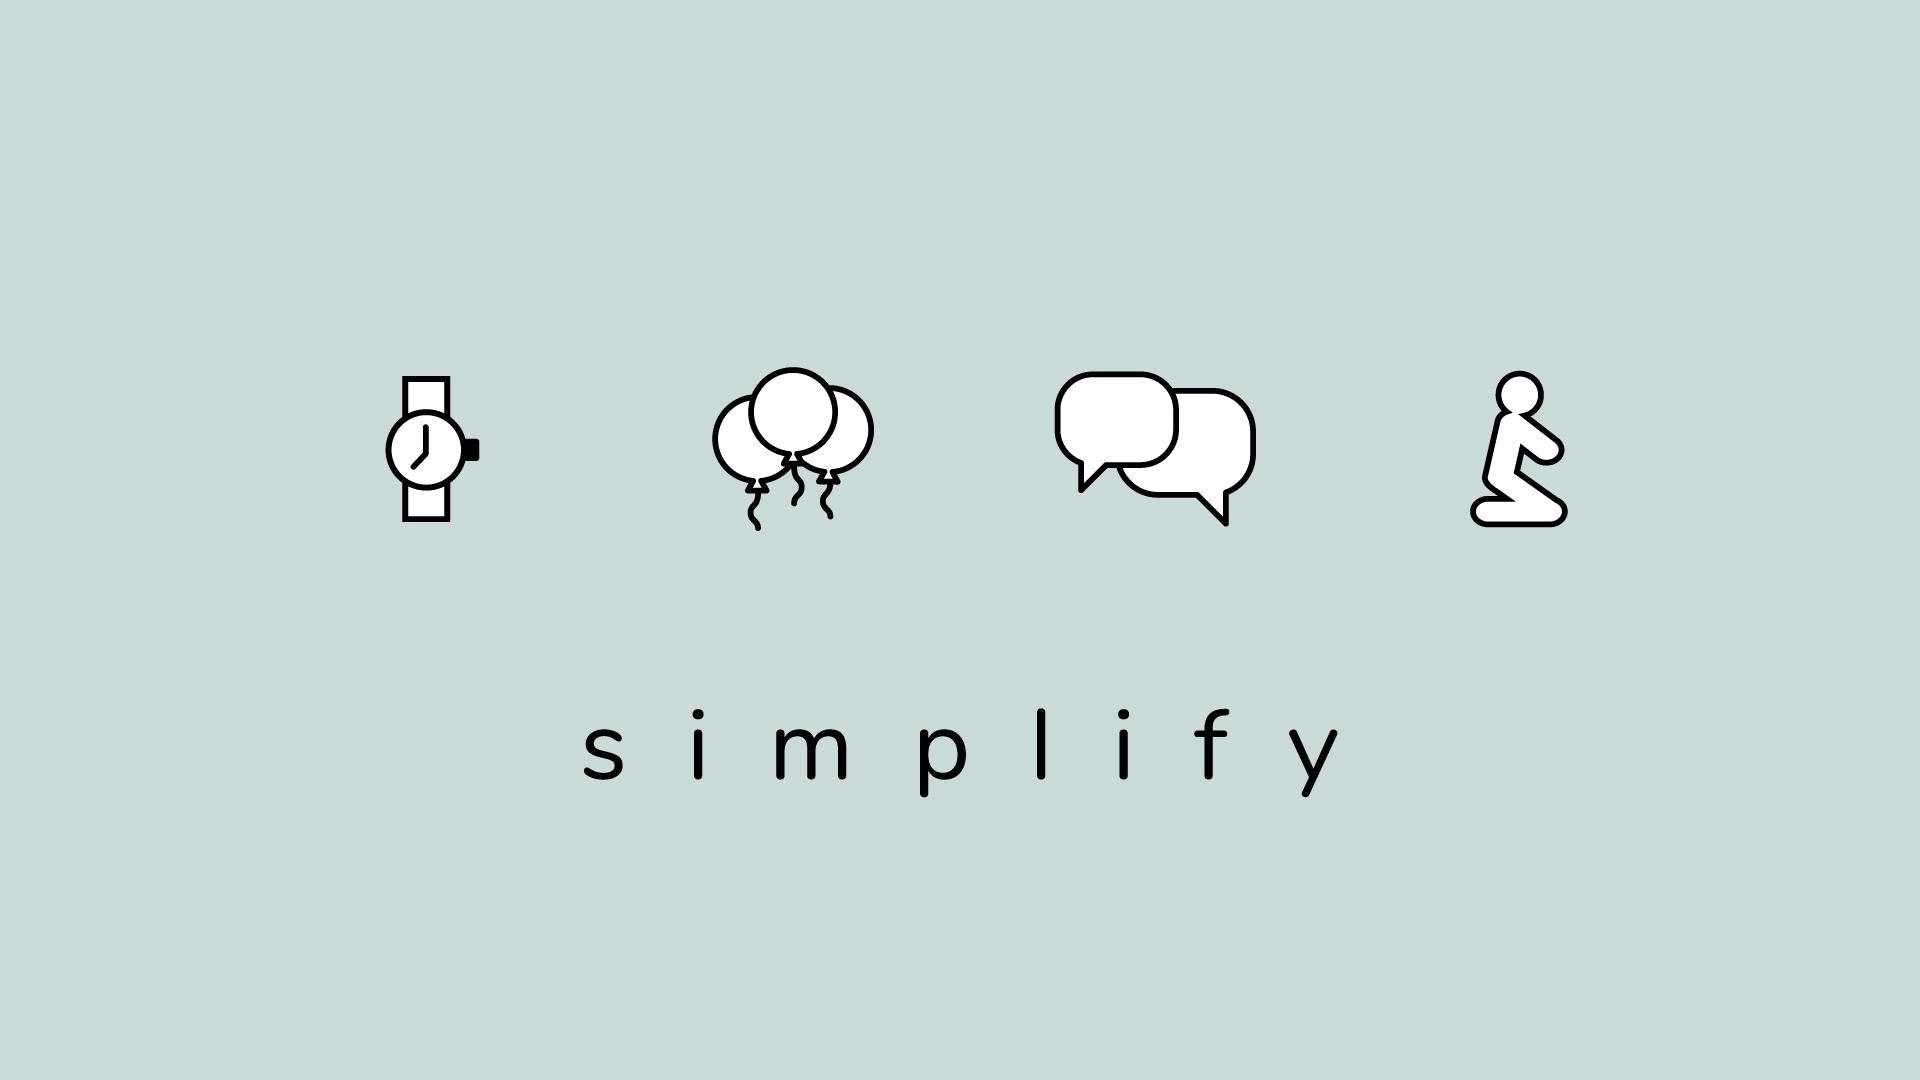 simplify_1920x1080_2 (2).jpg